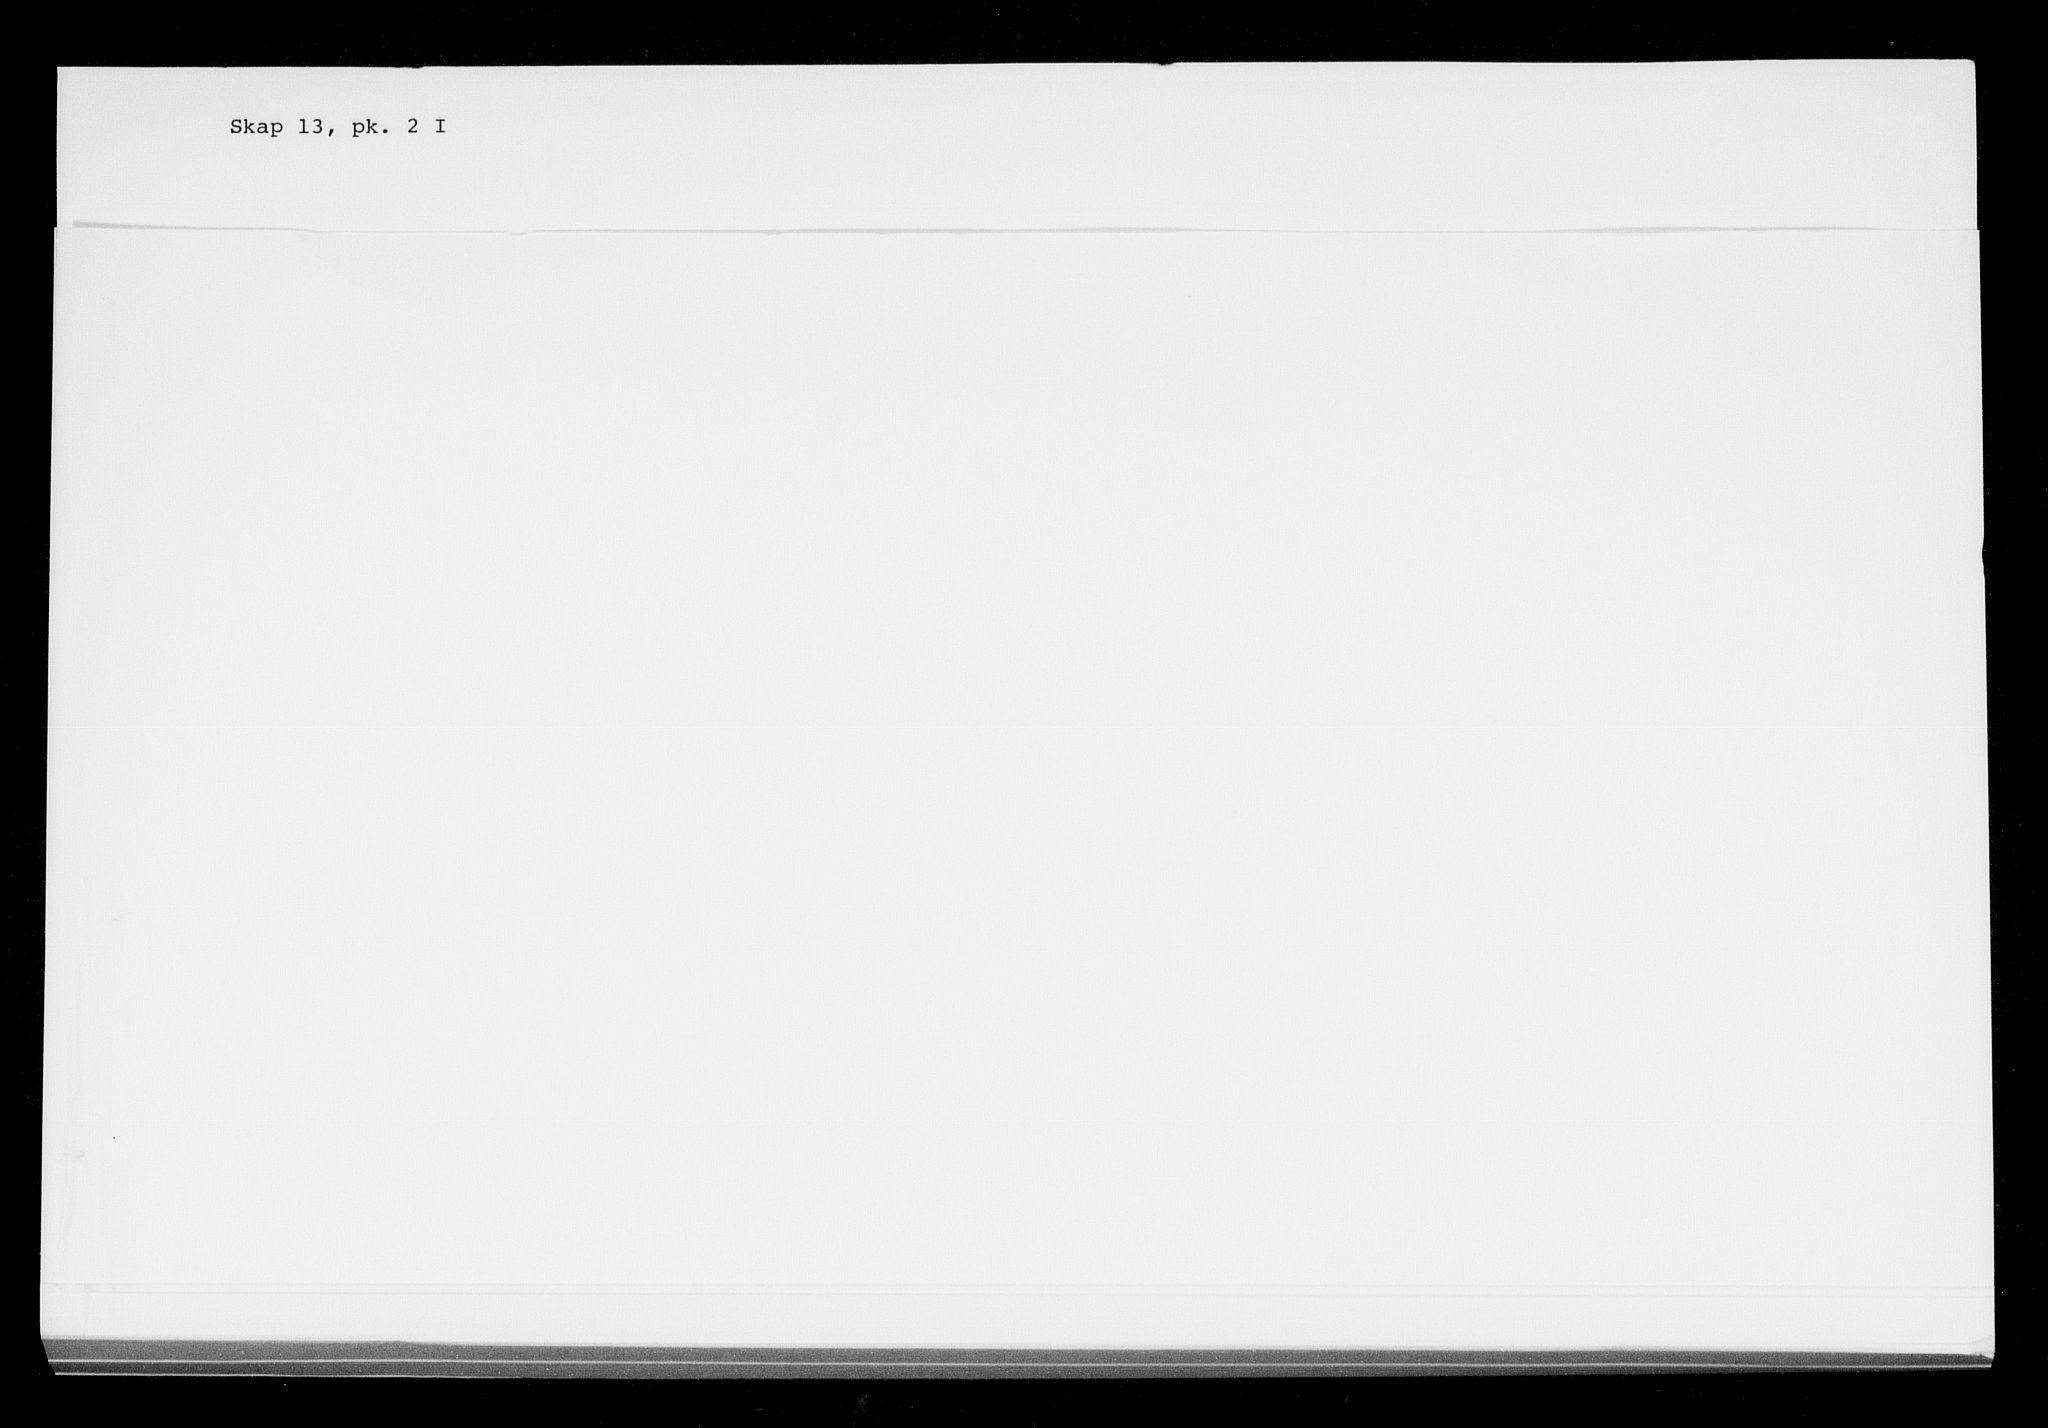 RA, Danske Kanselli, Skapsaker, F/L0052: Skap 13, pakke 2, 1809-1810, s. 2